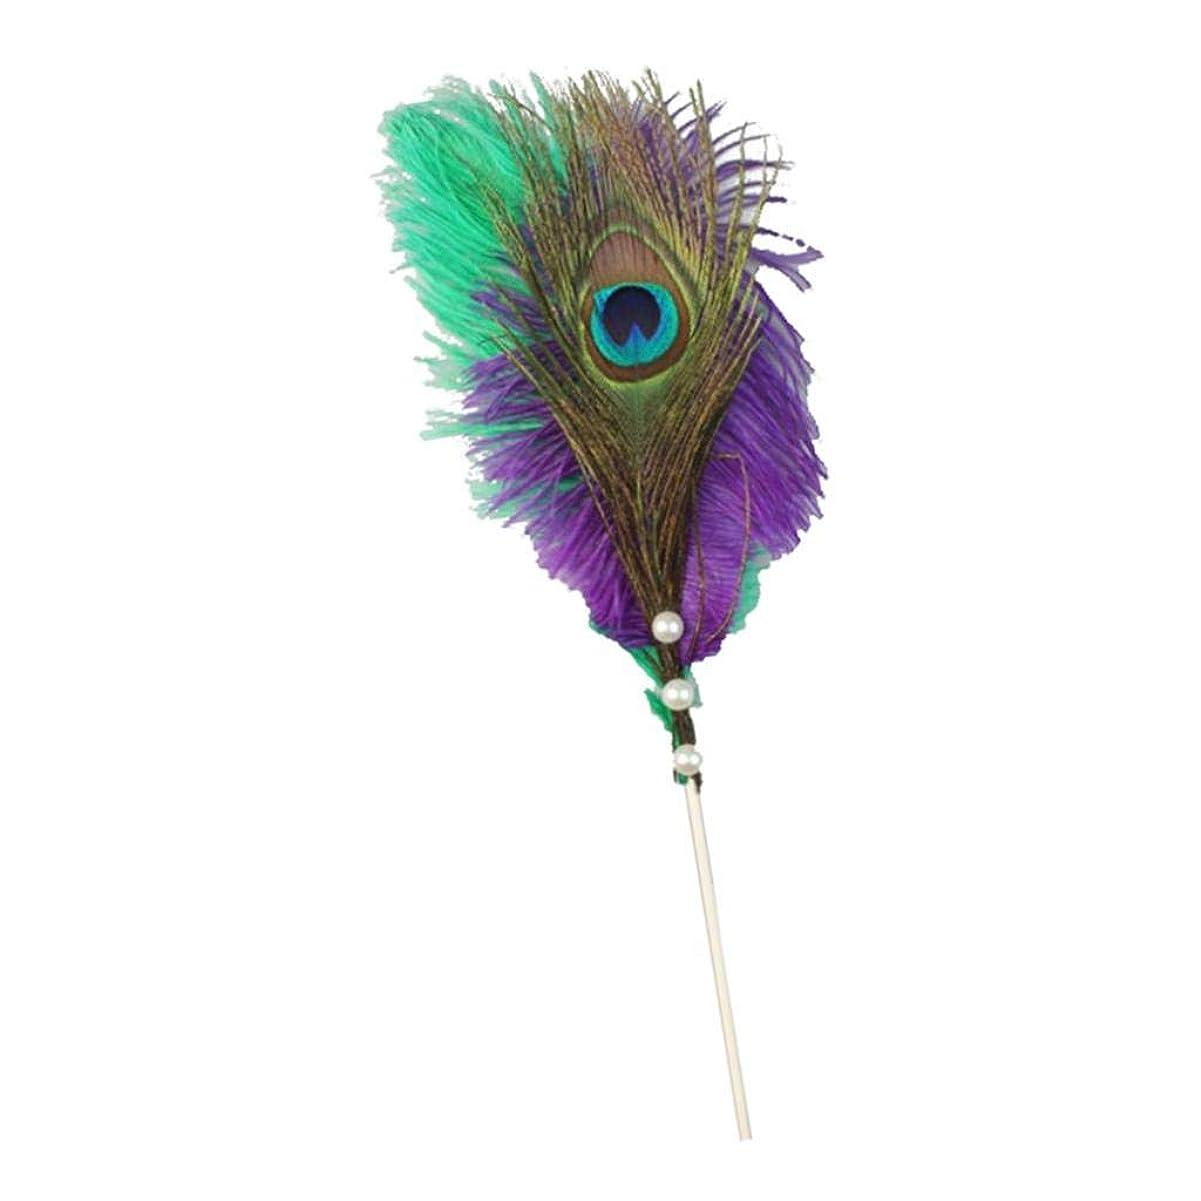 市町村宣言レーニン主義joyMerit 誕生日パーティーの装飾用品のためのフェザーケーキトッパーデザートピック - 紫の, 13.8インチ